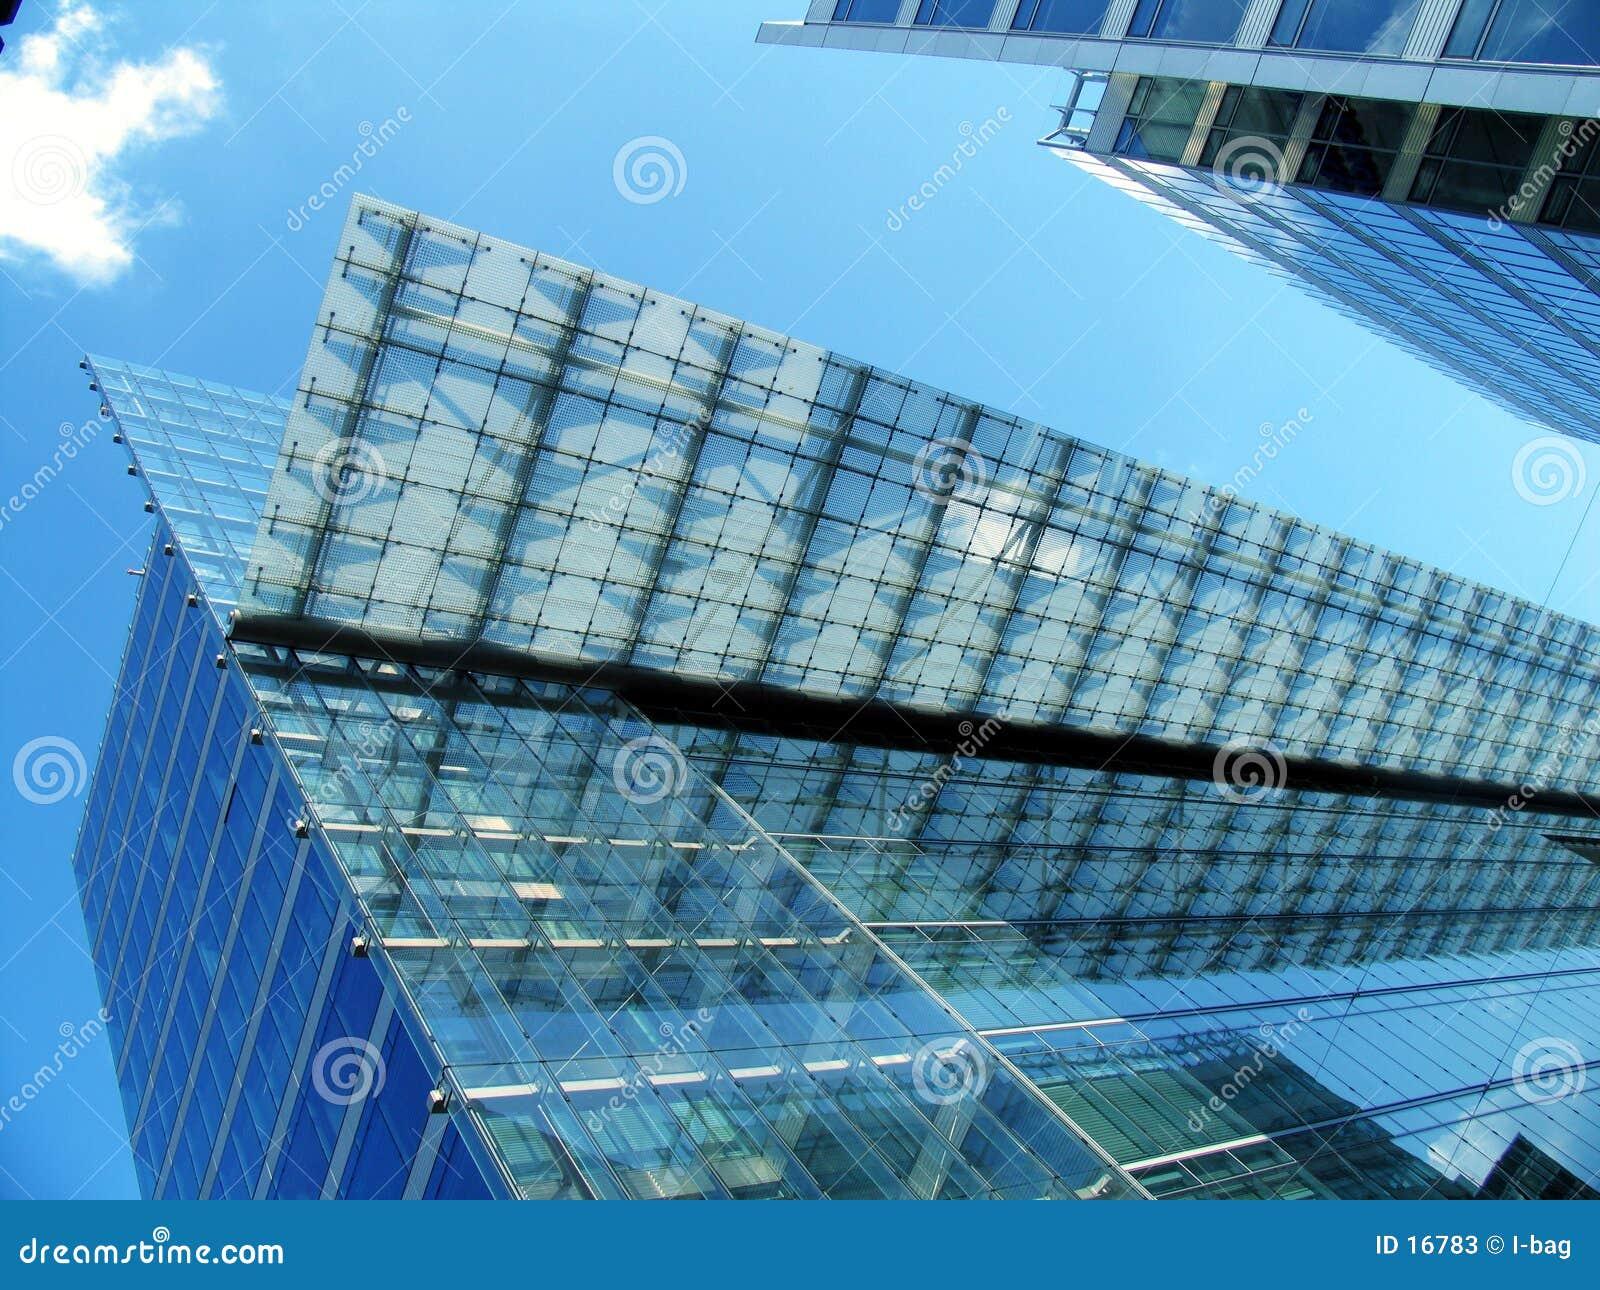 Genomskinligt byggande modernt kontor